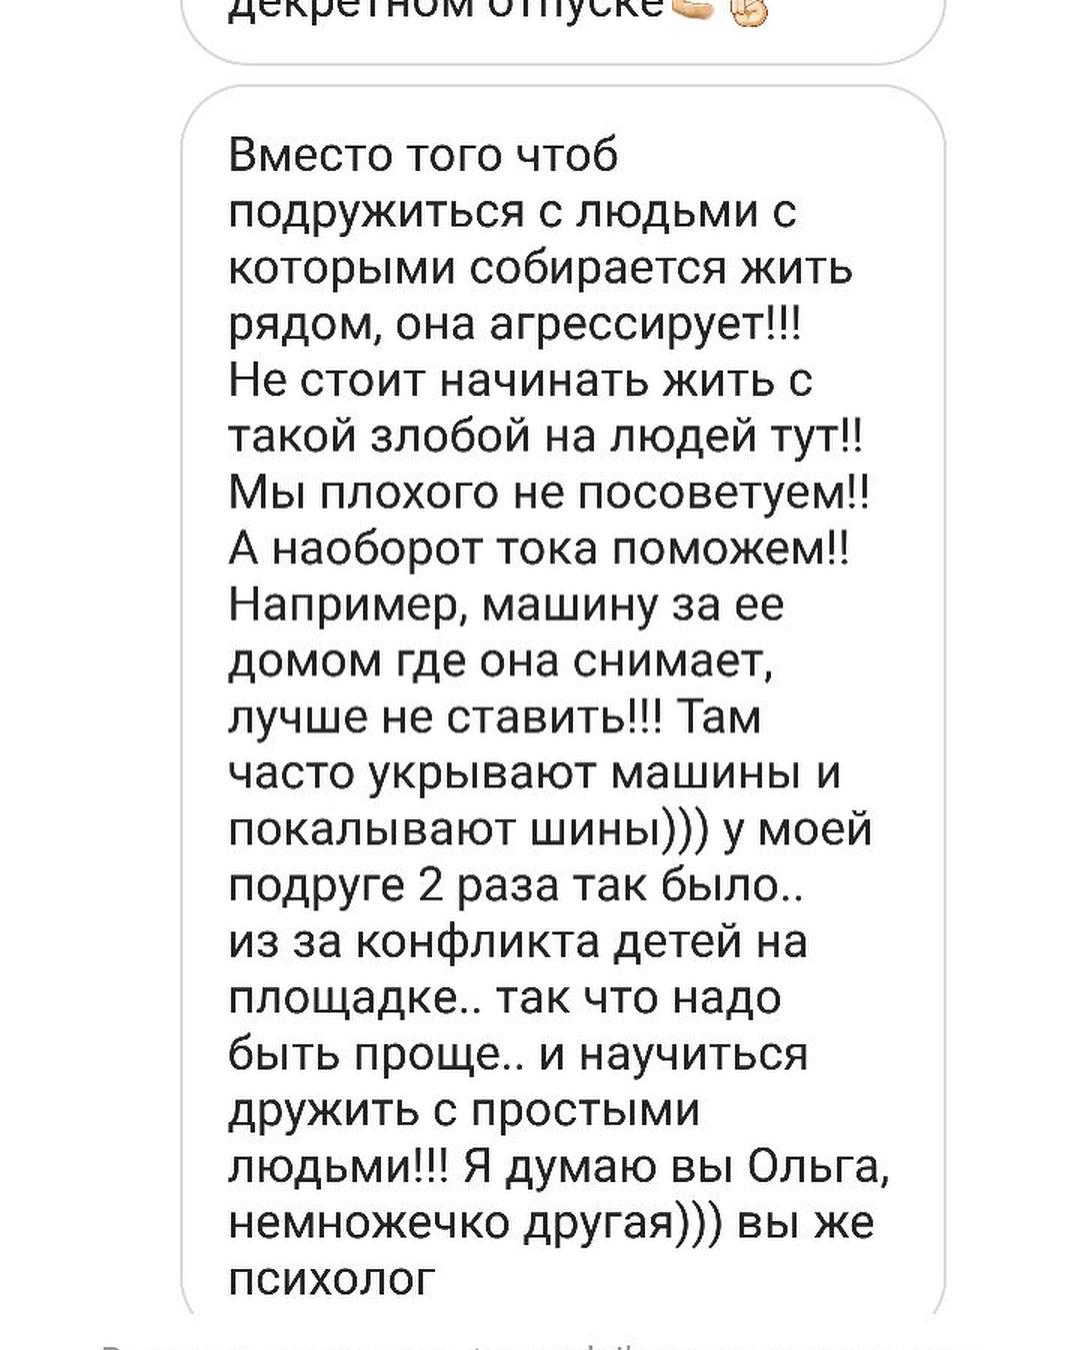 https://dom2life.ru/media/content/w1600/2018-02-14_11-05-28__d1cbd17e-115d-11e8-8390-002590aa0fe7.jpg